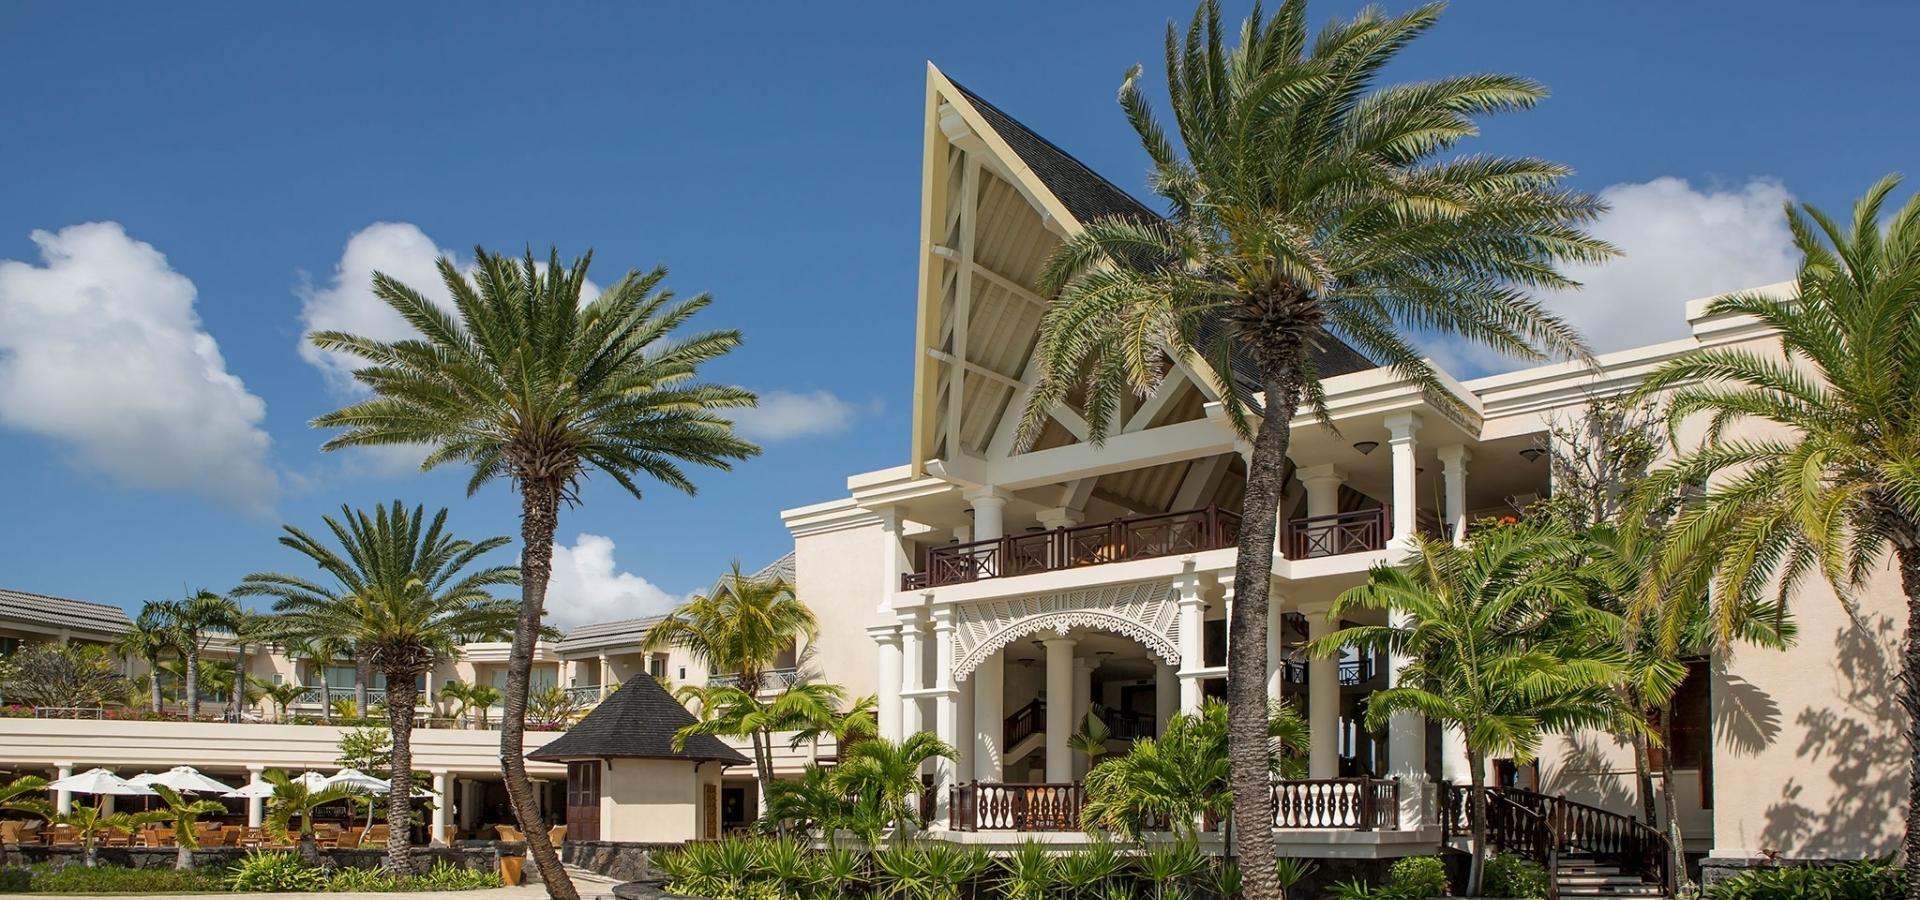 Mauricio - Hotel The Residence Mauritius by Cenizaro